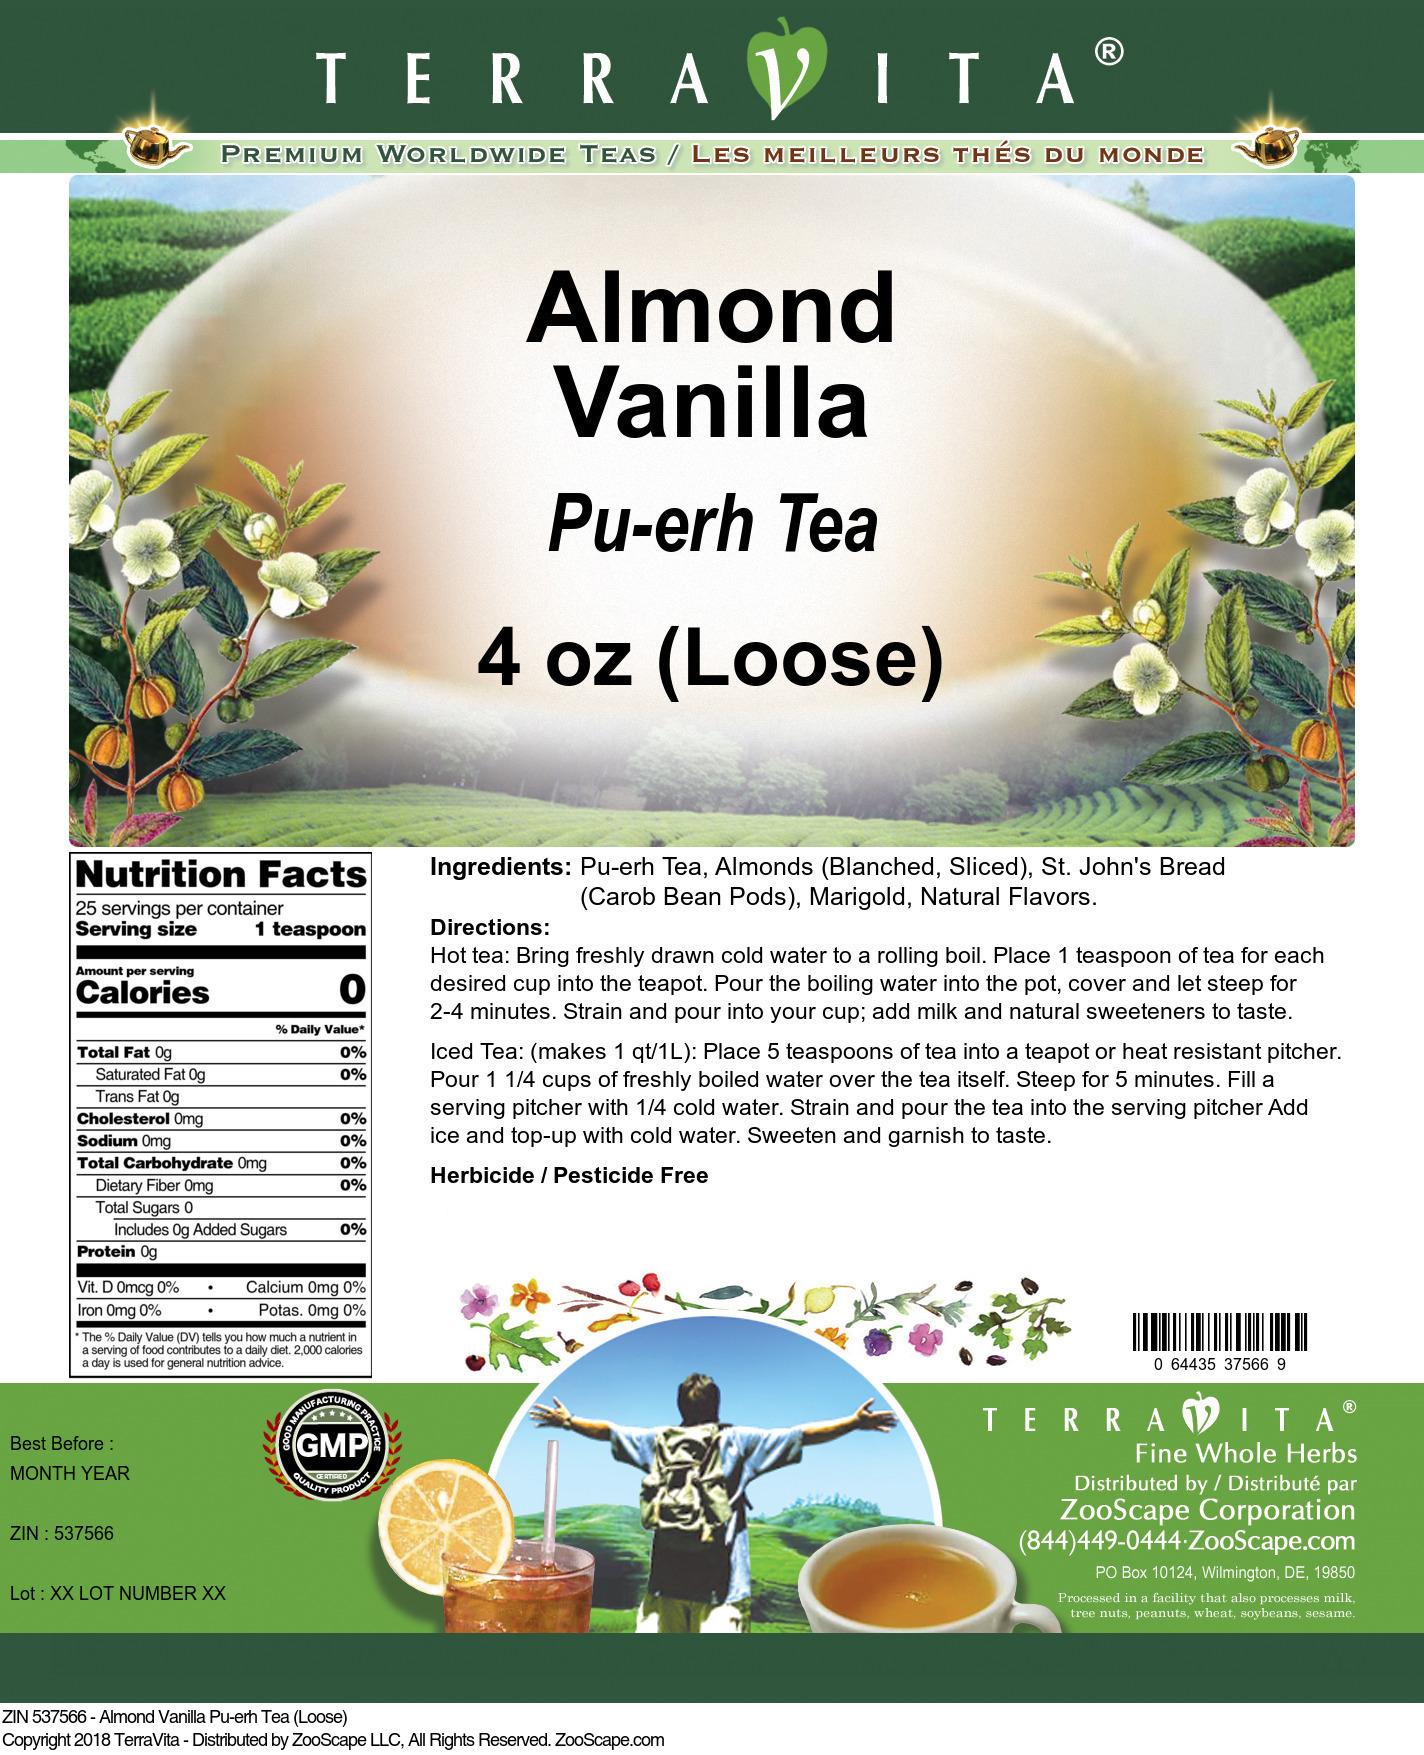 Almond Vanilla Pu-erh Tea